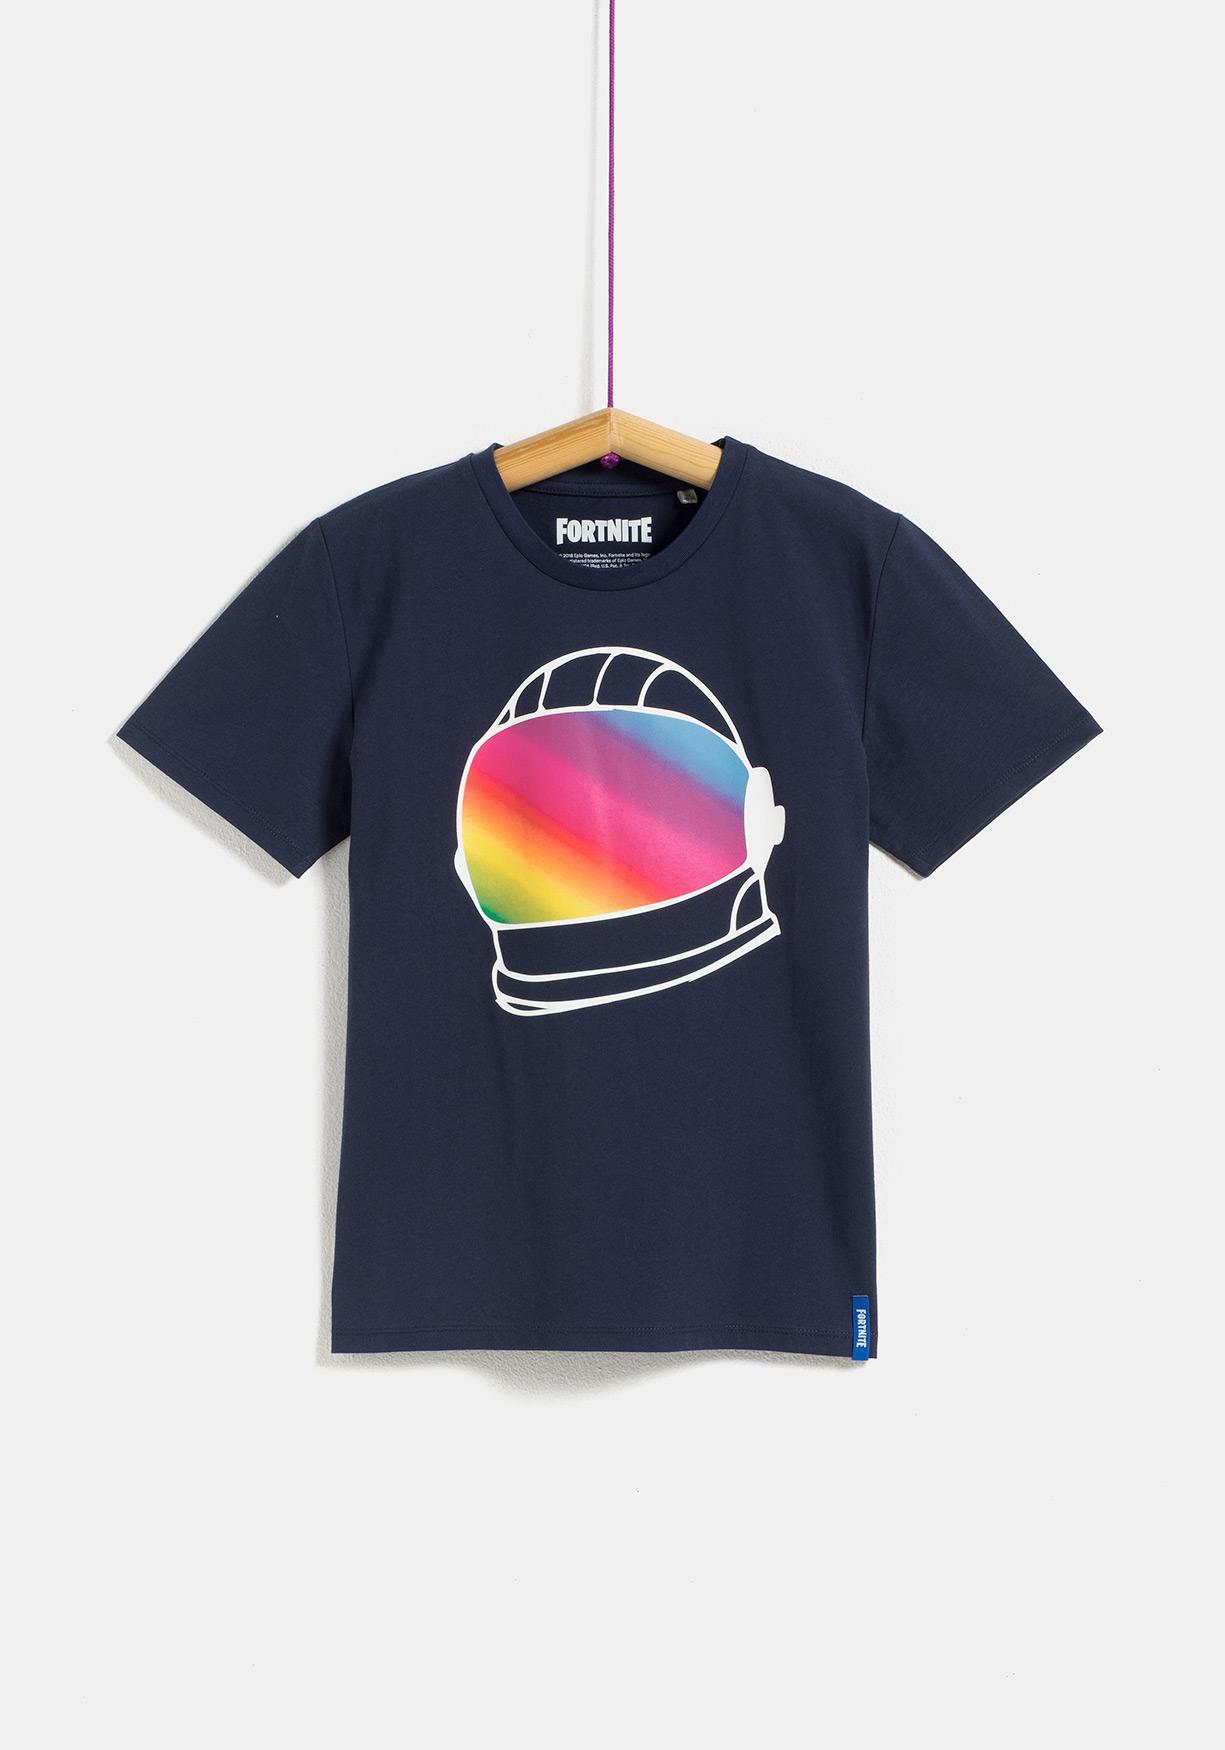 55e5390d8 Comprar Camiseta manga larga FORTNITE. ¡Aprovéchate de nuestros ...